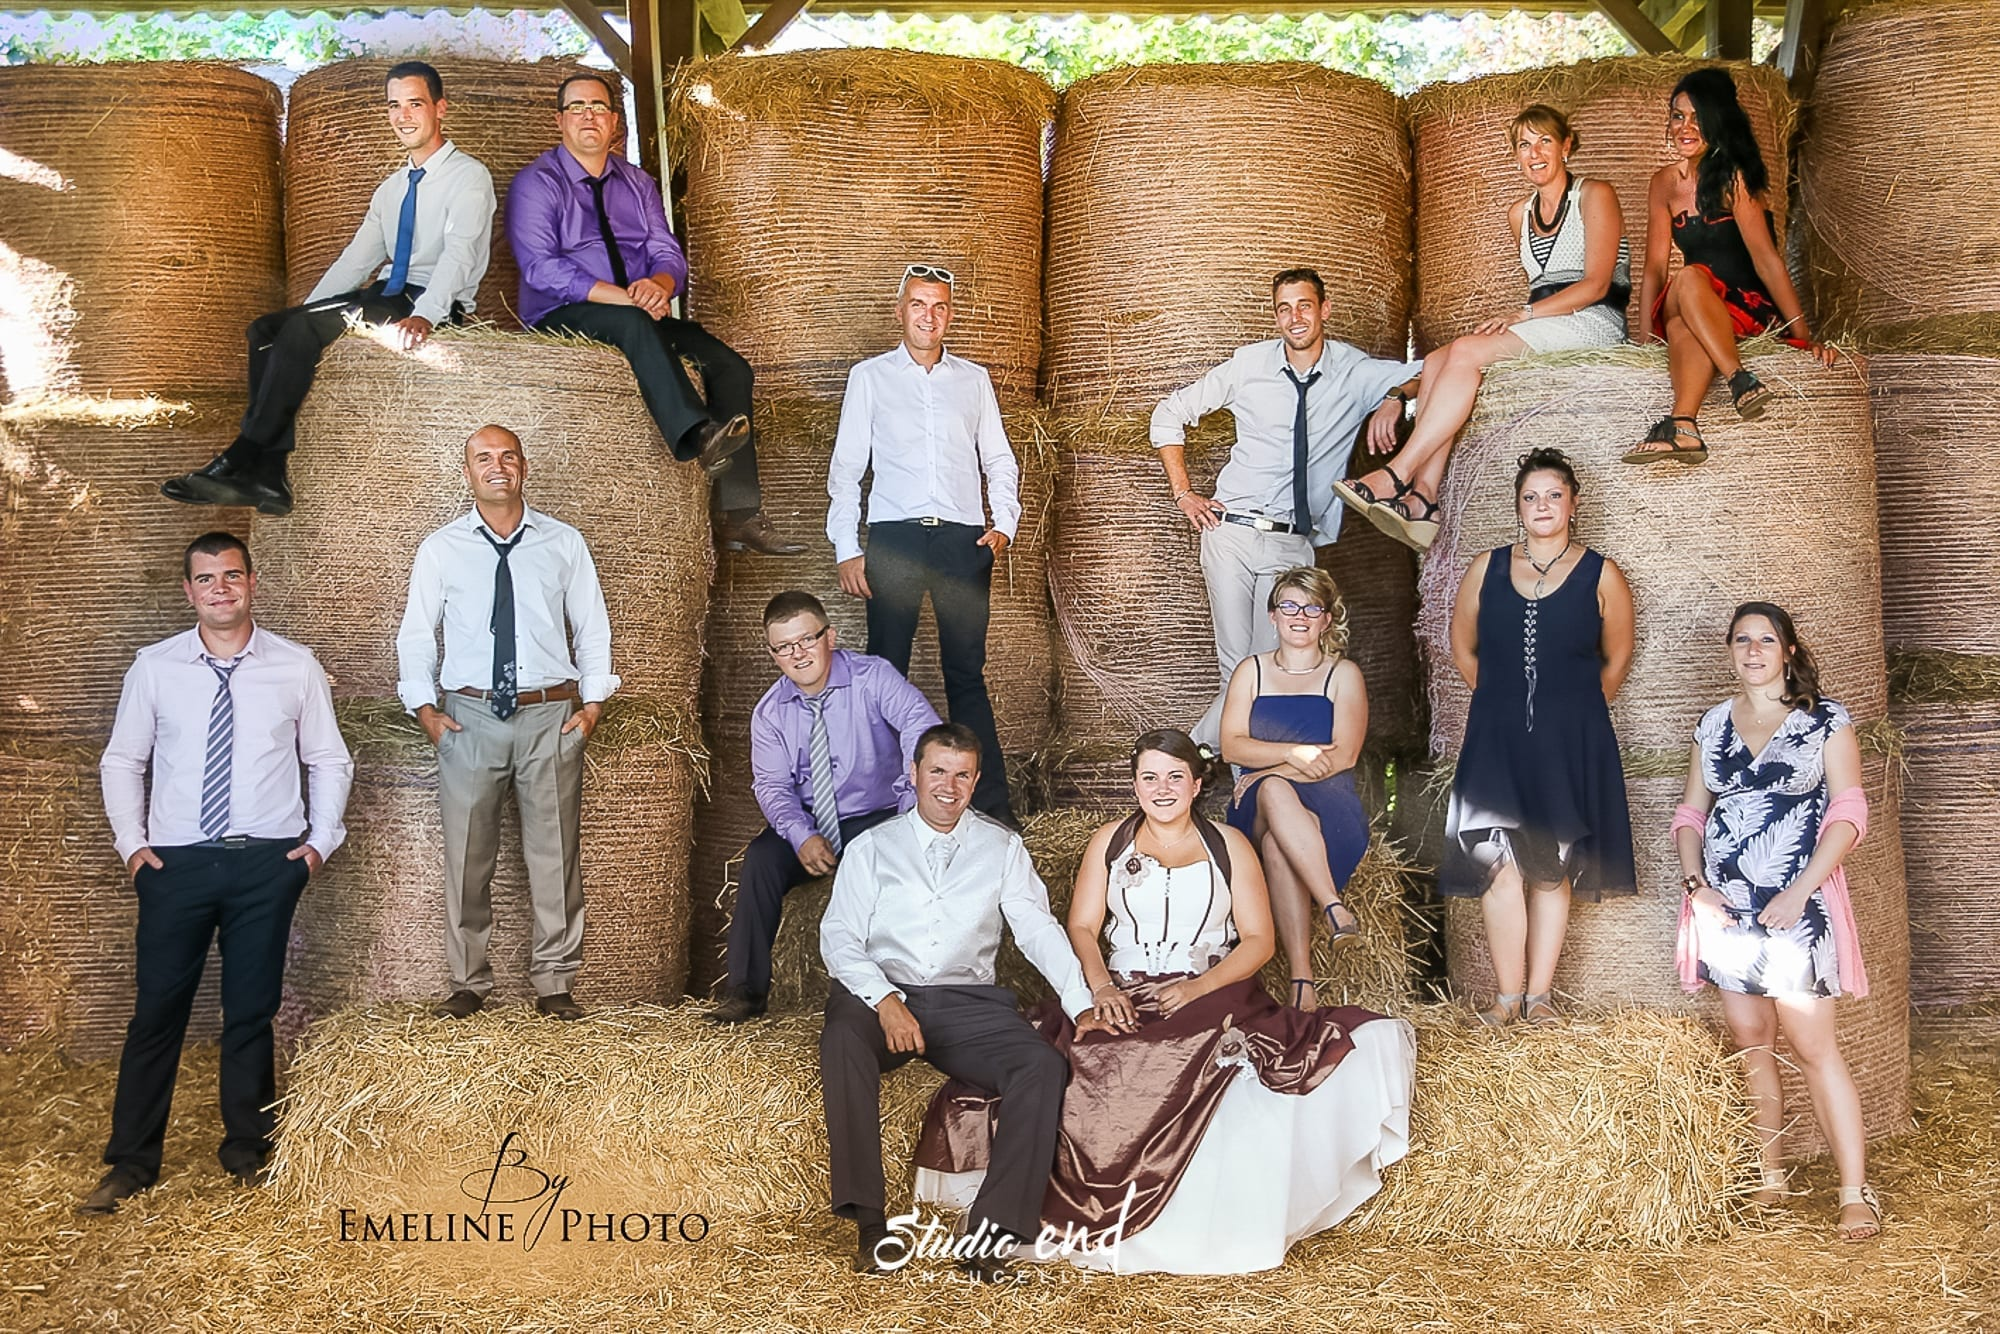 Photographie originale de témoins d'un mariage en Aveyron